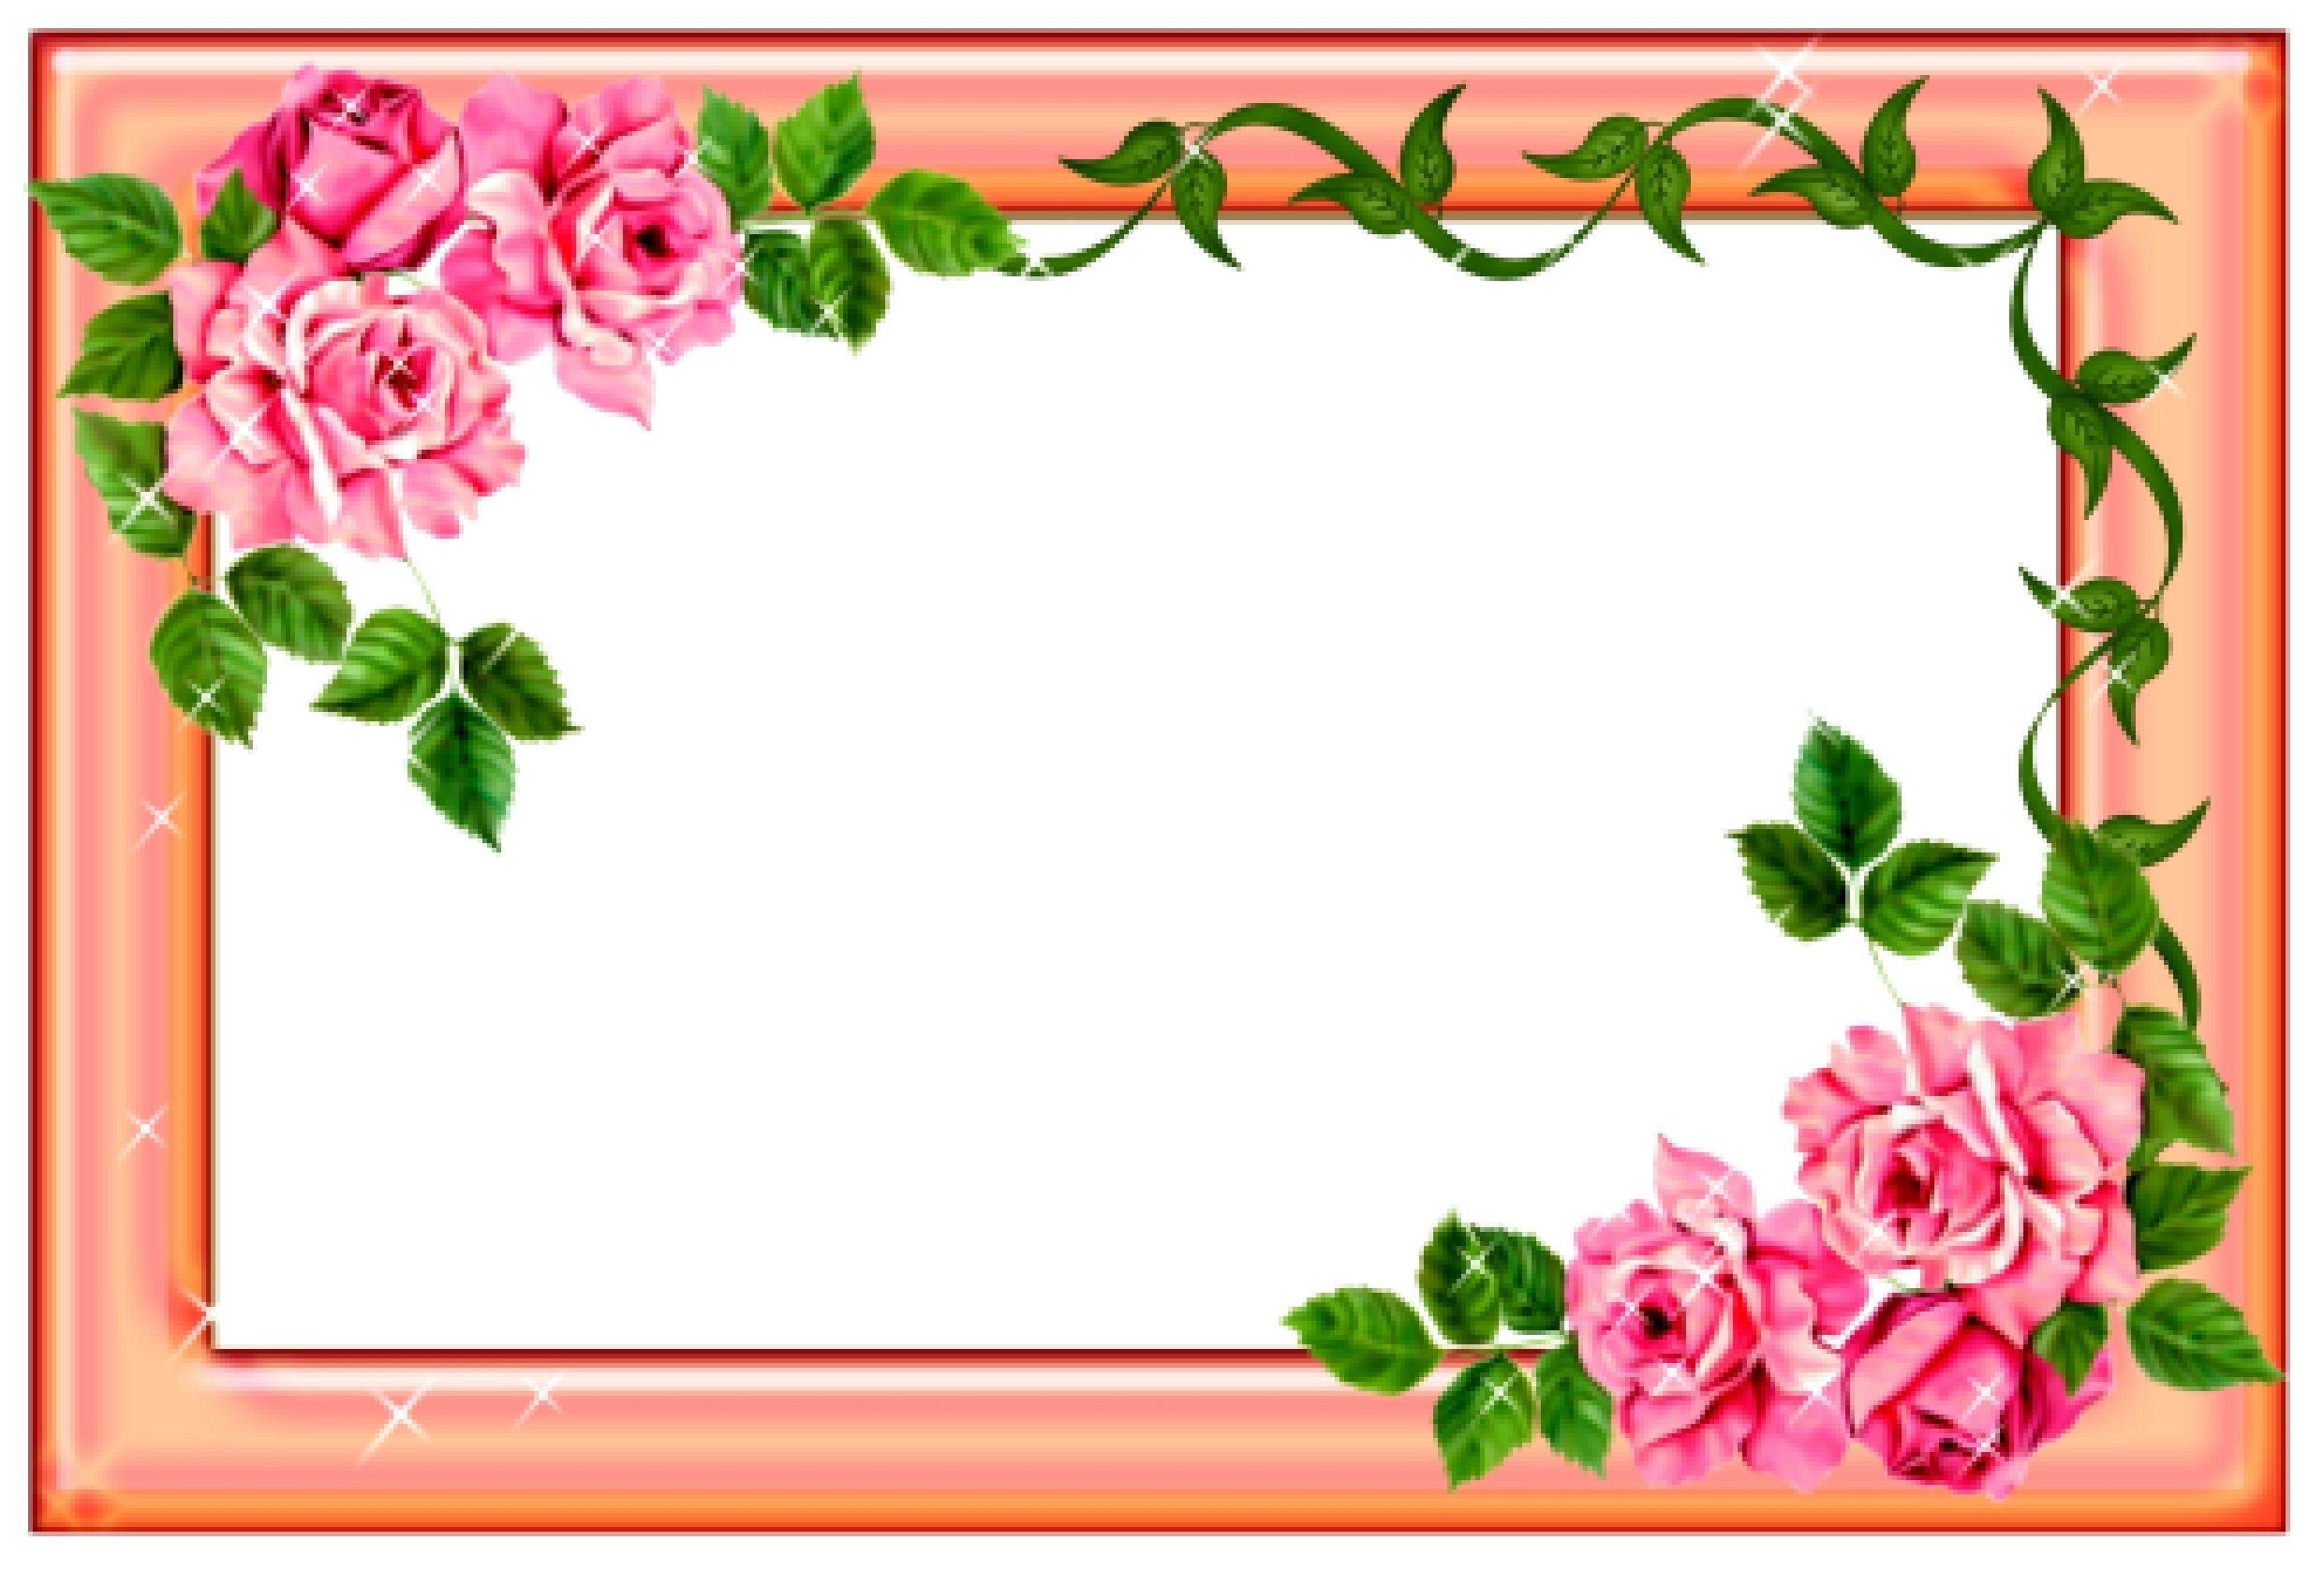 гарантирует высокое рамки для ворд цветочки поздравления бани сауны карте